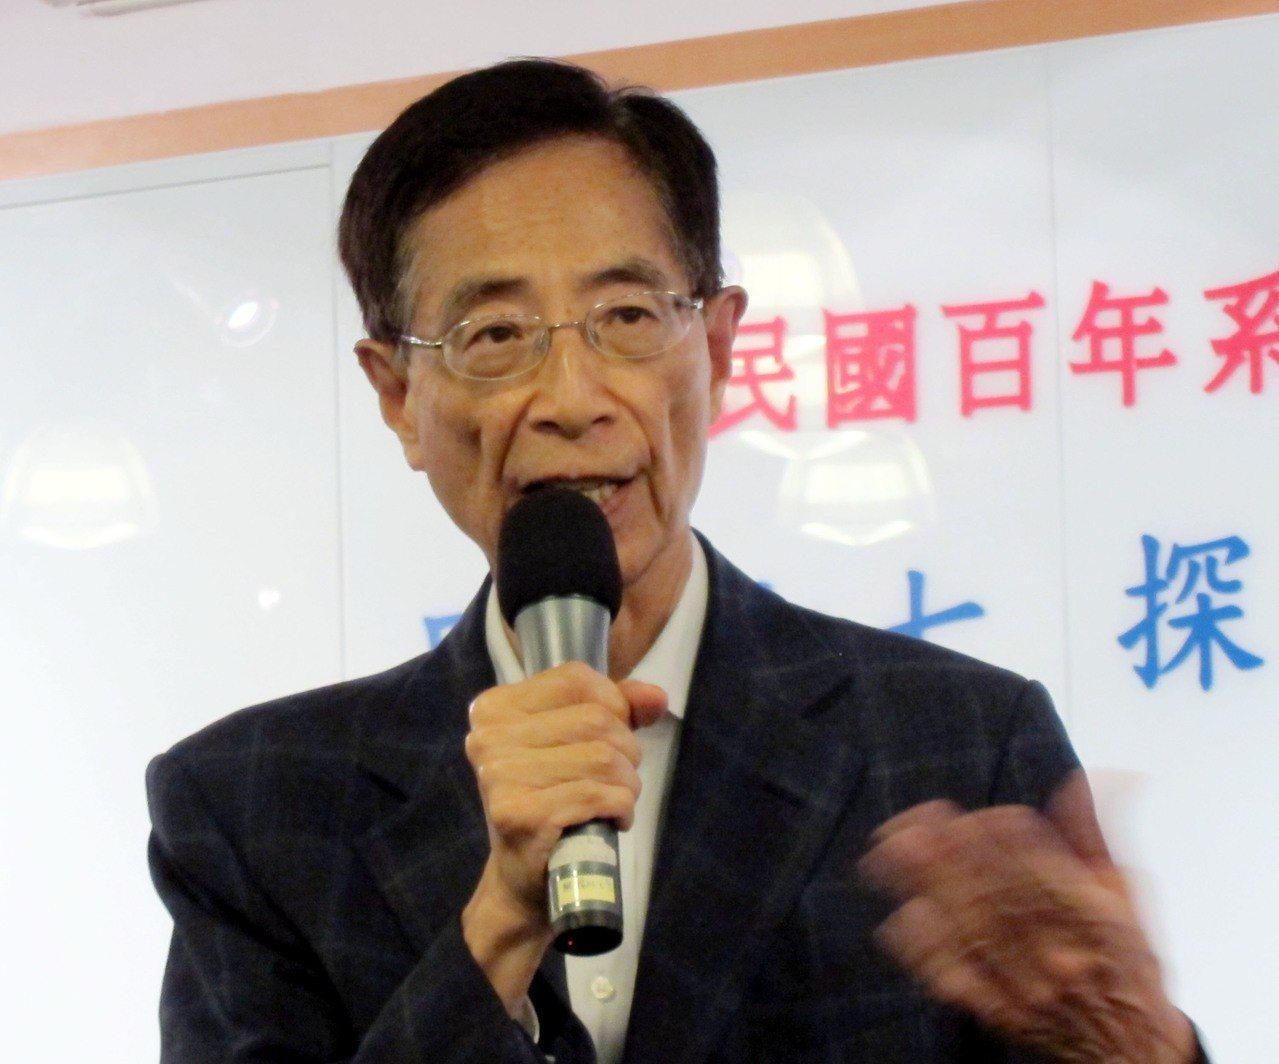 李柱銘說,從香港情況看,他不相信台灣人會接受「一國兩制」。圖/截自香港01